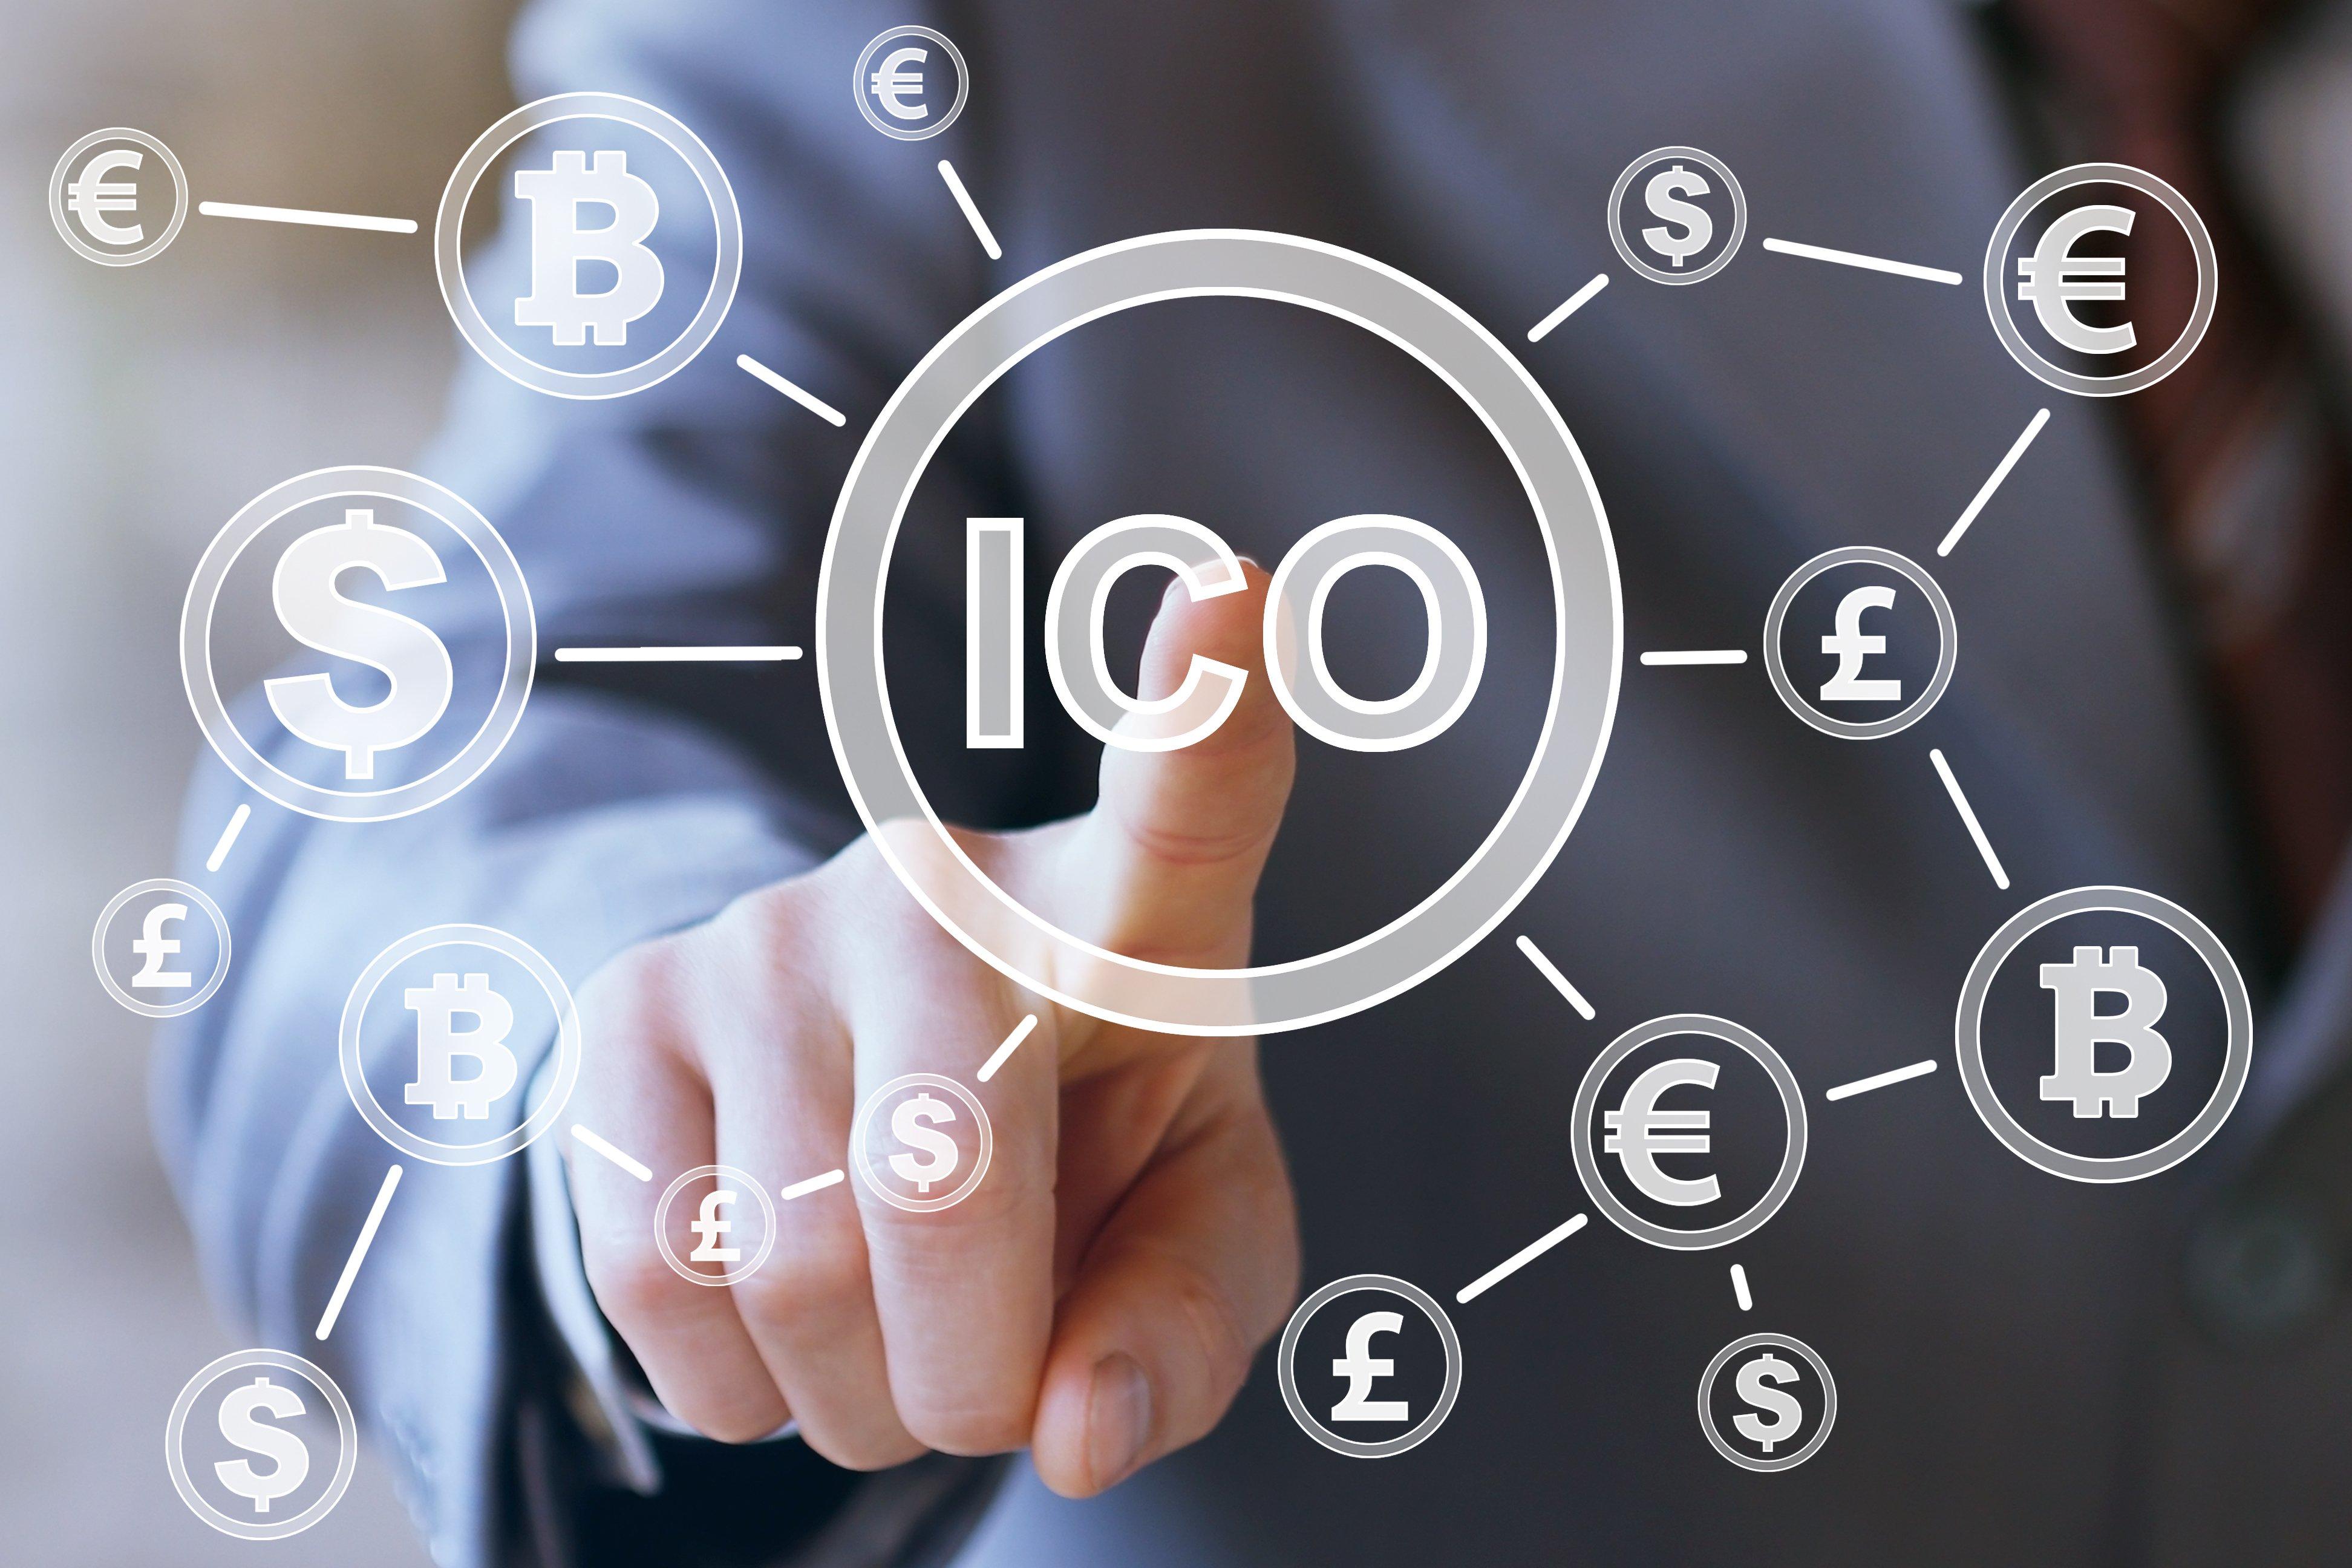 businessman touching ico icon on screen